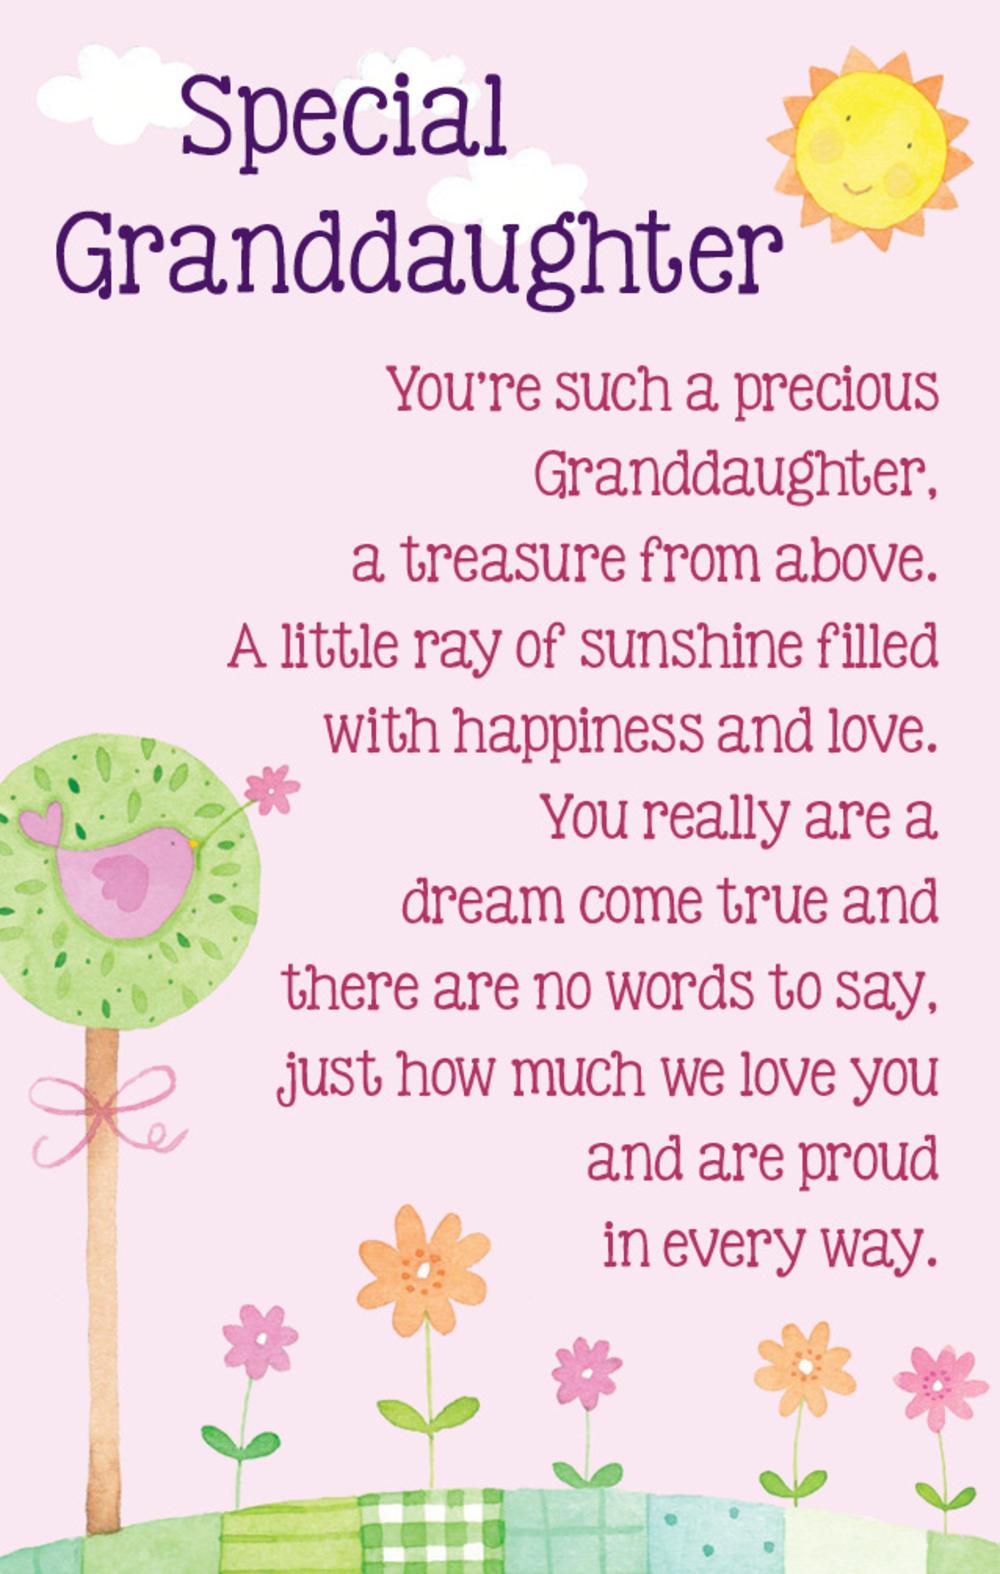 Special Granddaughter Heartwarmers Keepsake Credit Card & Envelope ...